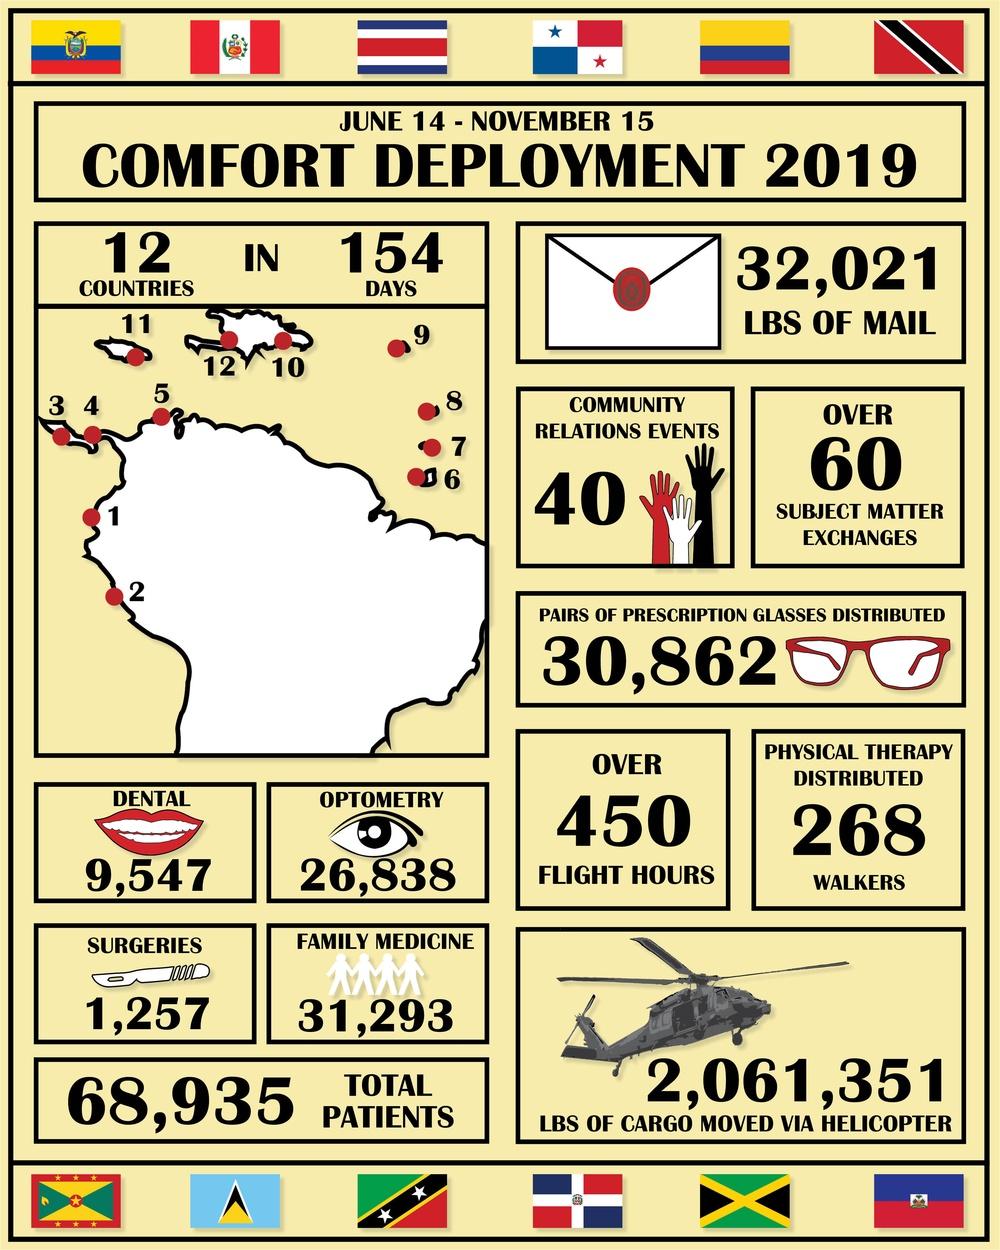 Comfort Deployment 2019